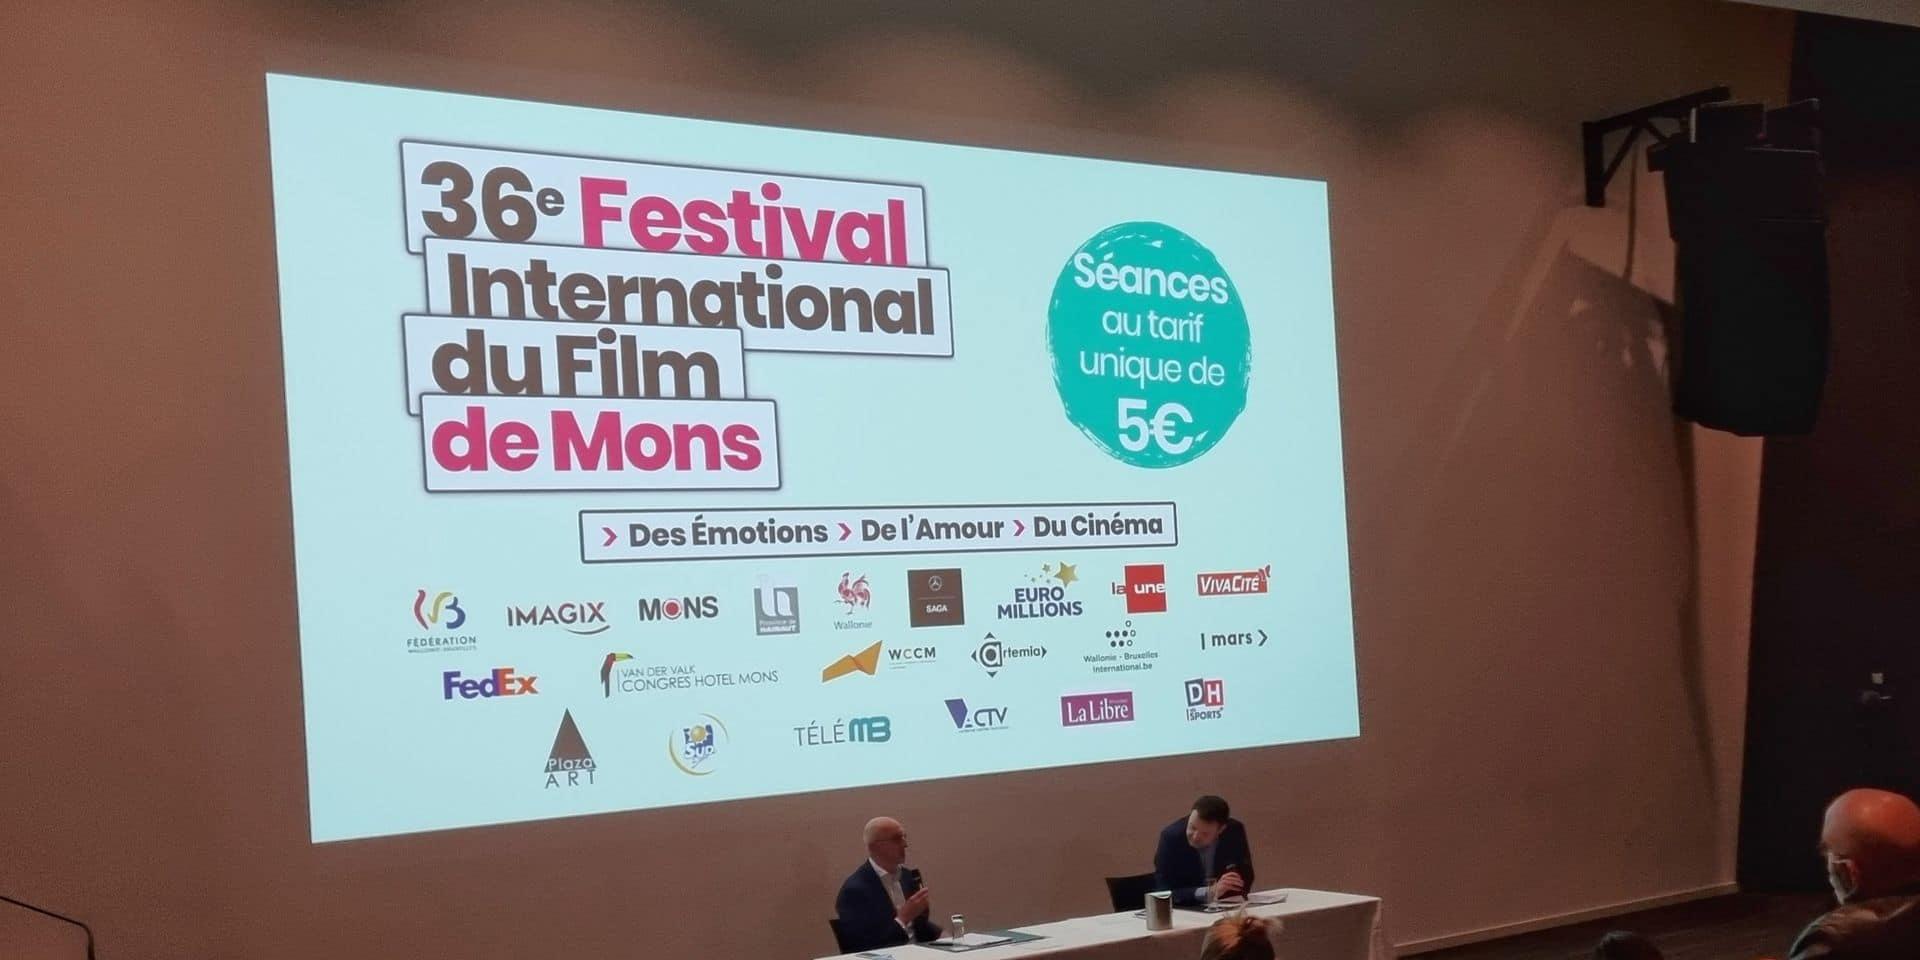 Le jury citoyen, une nouveauté du Festival de Mons